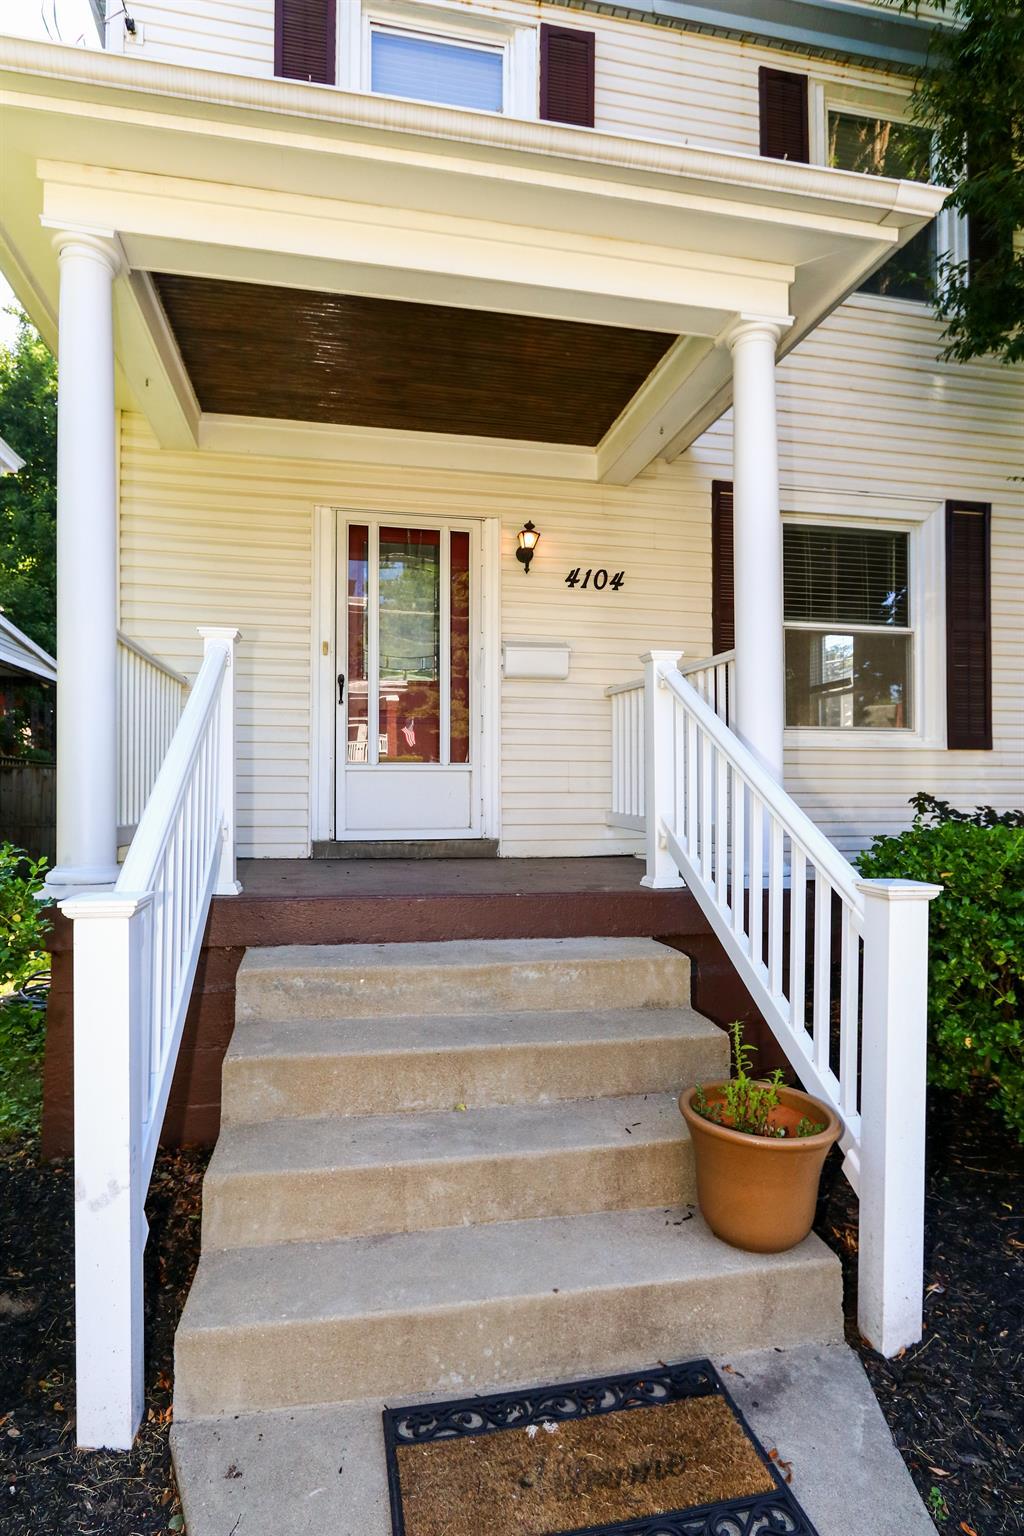 Entrance for 4104 Elsmere Ave Norwood, OH 45212